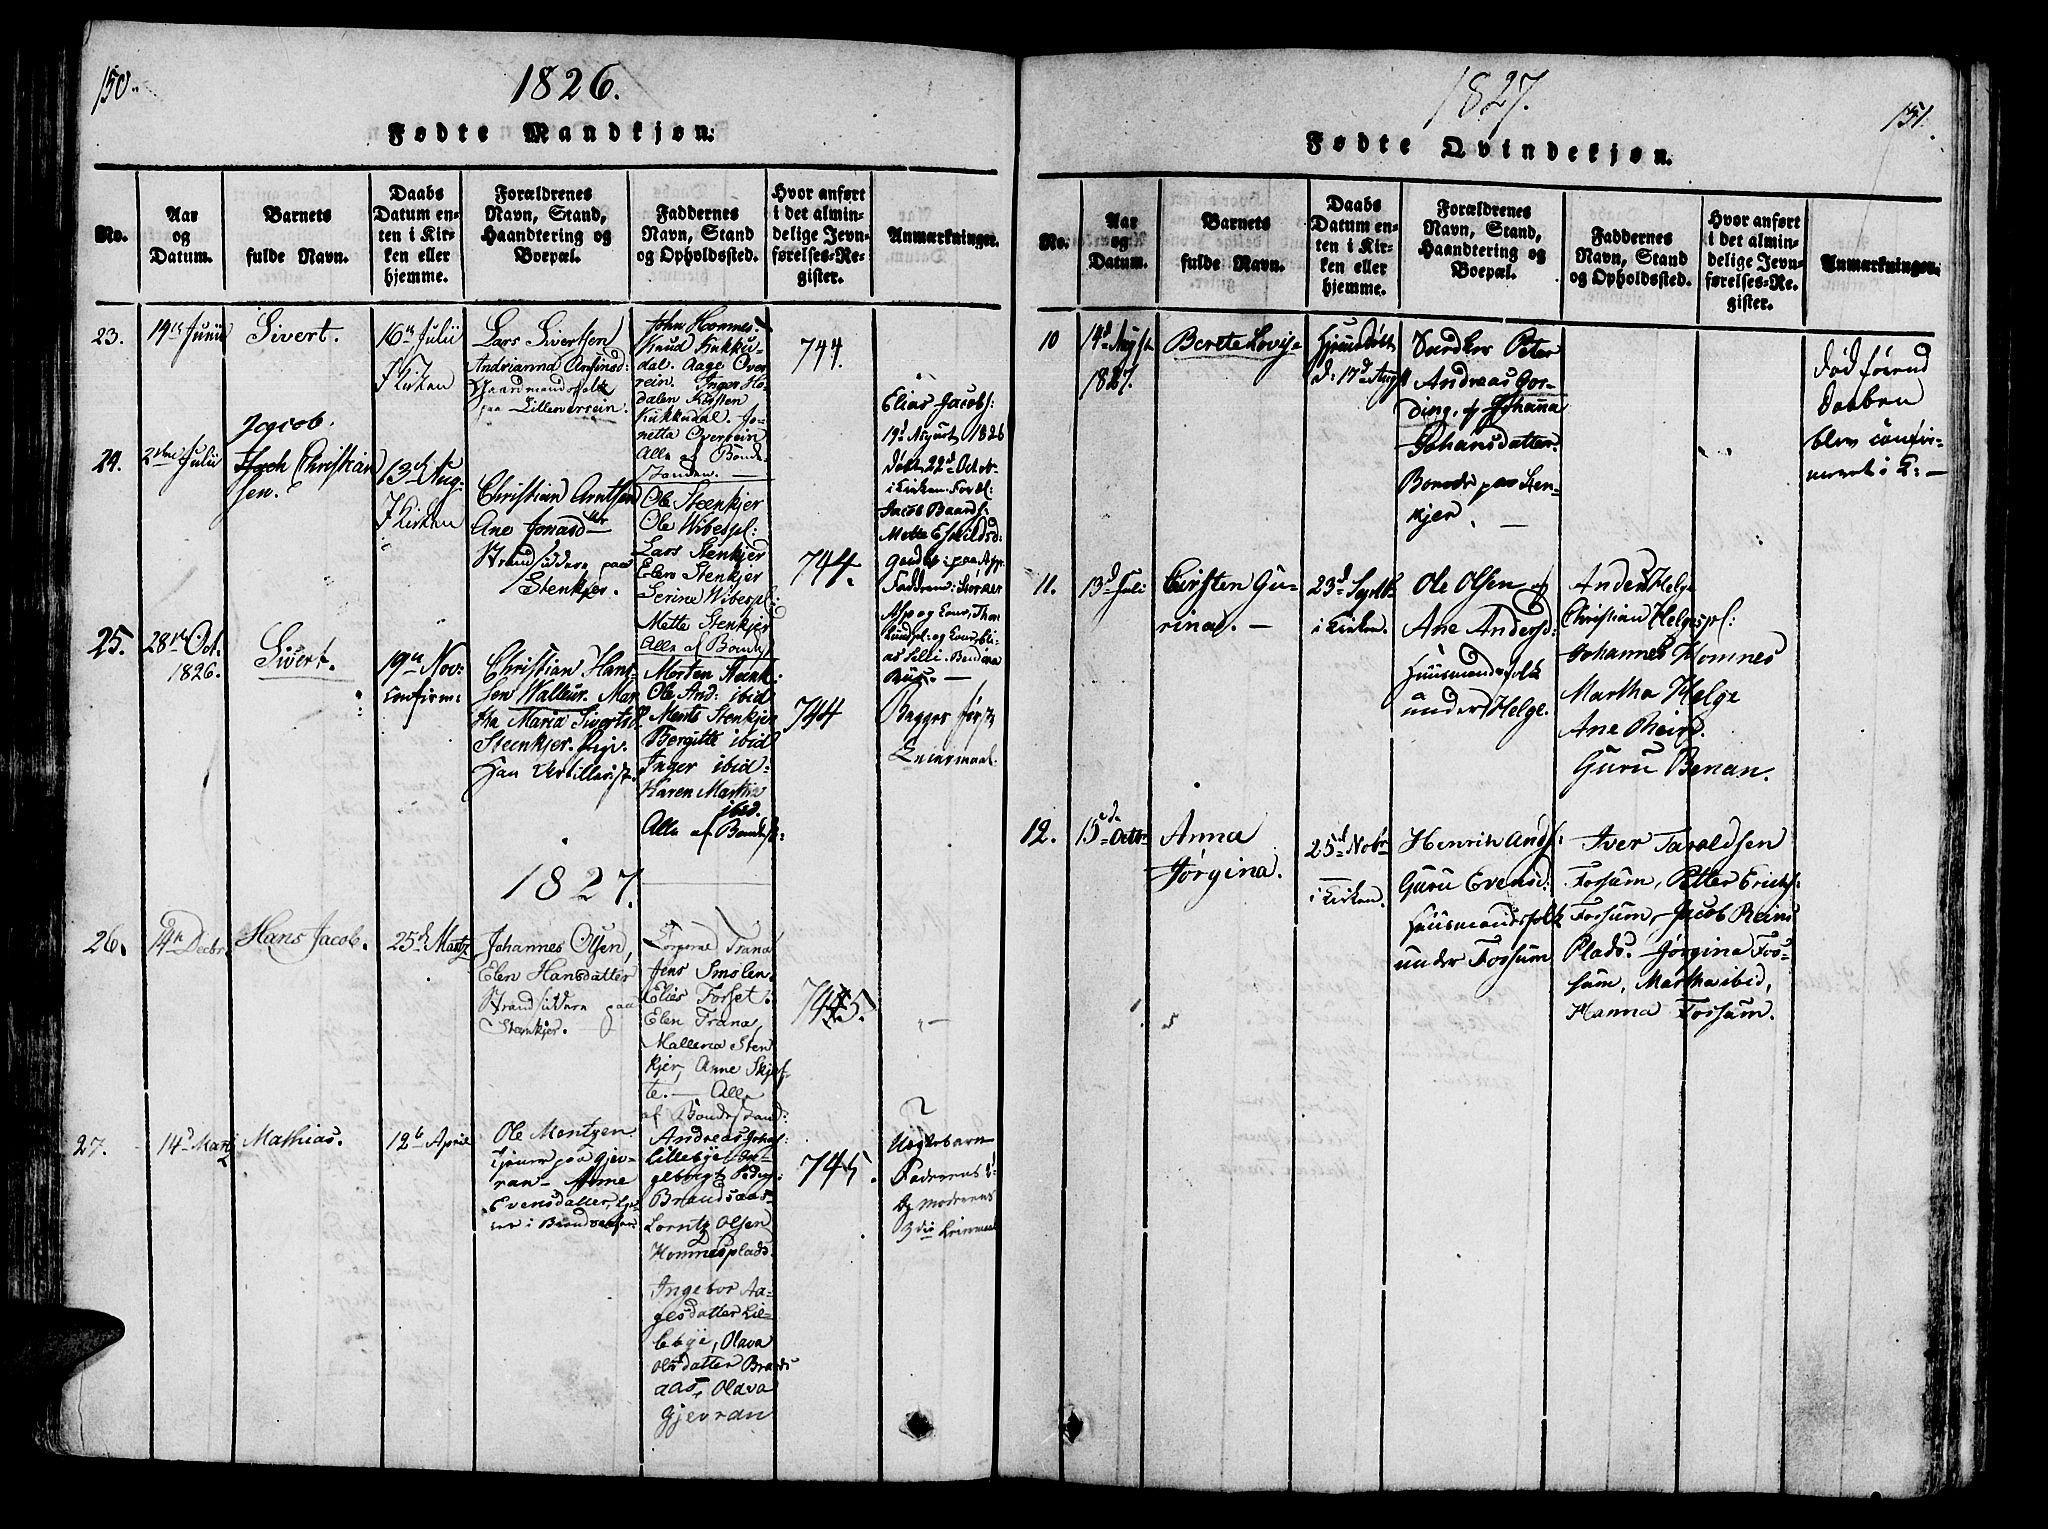 SAT, Ministerialprotokoller, klokkerbøker og fødselsregistre - Nord-Trøndelag, 746/L0441: Ministerialbok nr. 736A03 /3, 1816-1827, s. 150-151